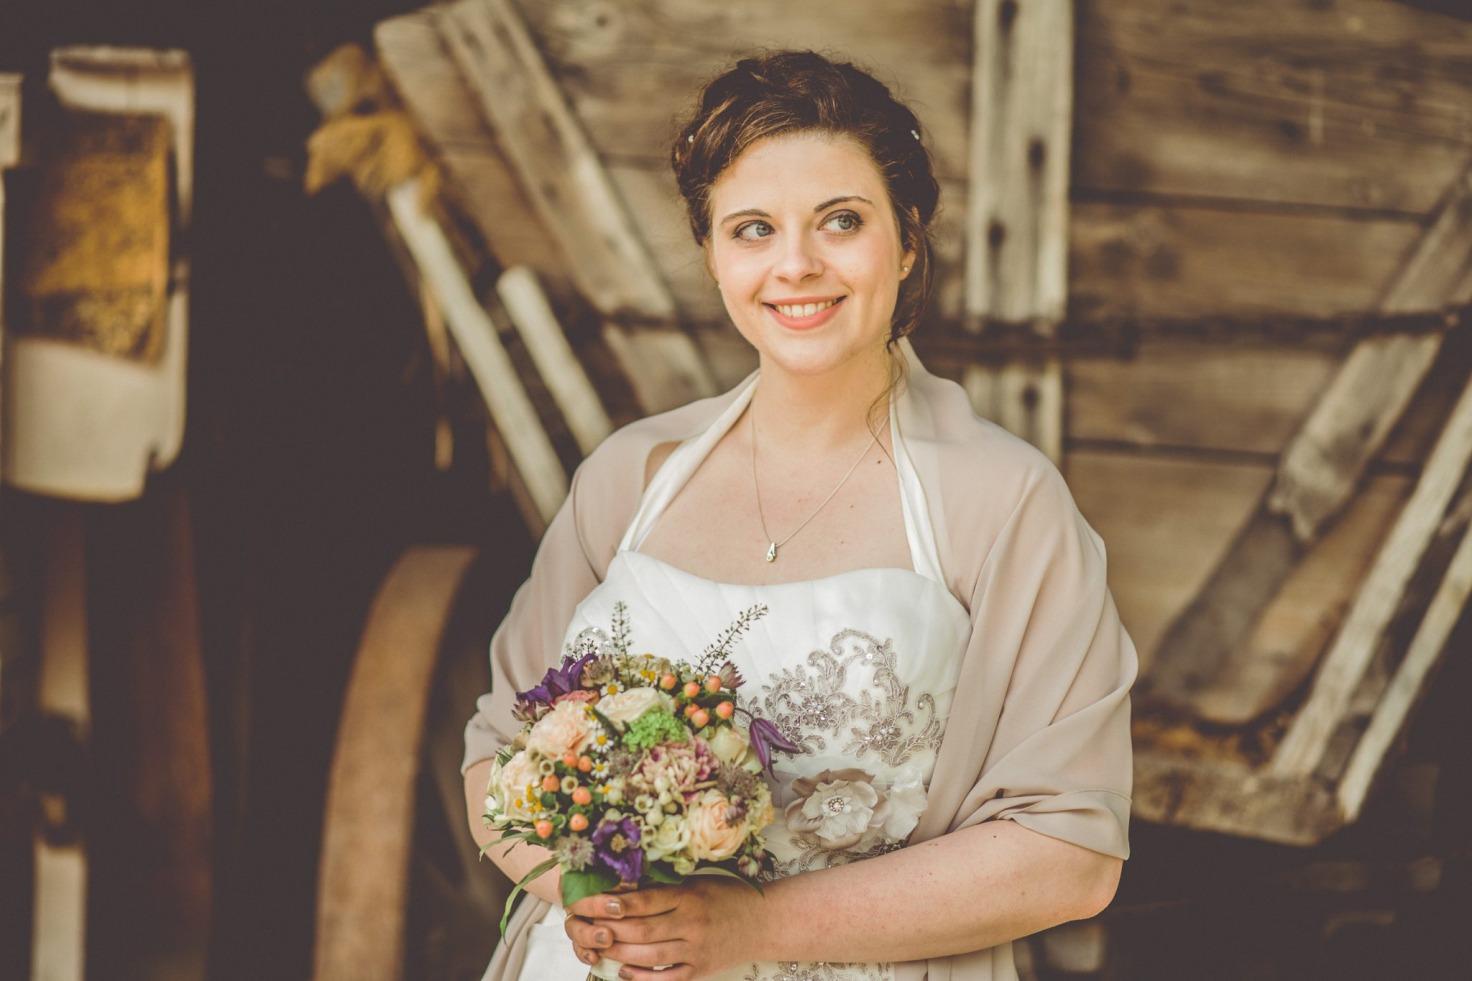 Hochzeit von Bea und Matt in Münster: Braut steht mit dem Brautstrauß vor einem Holzwagen